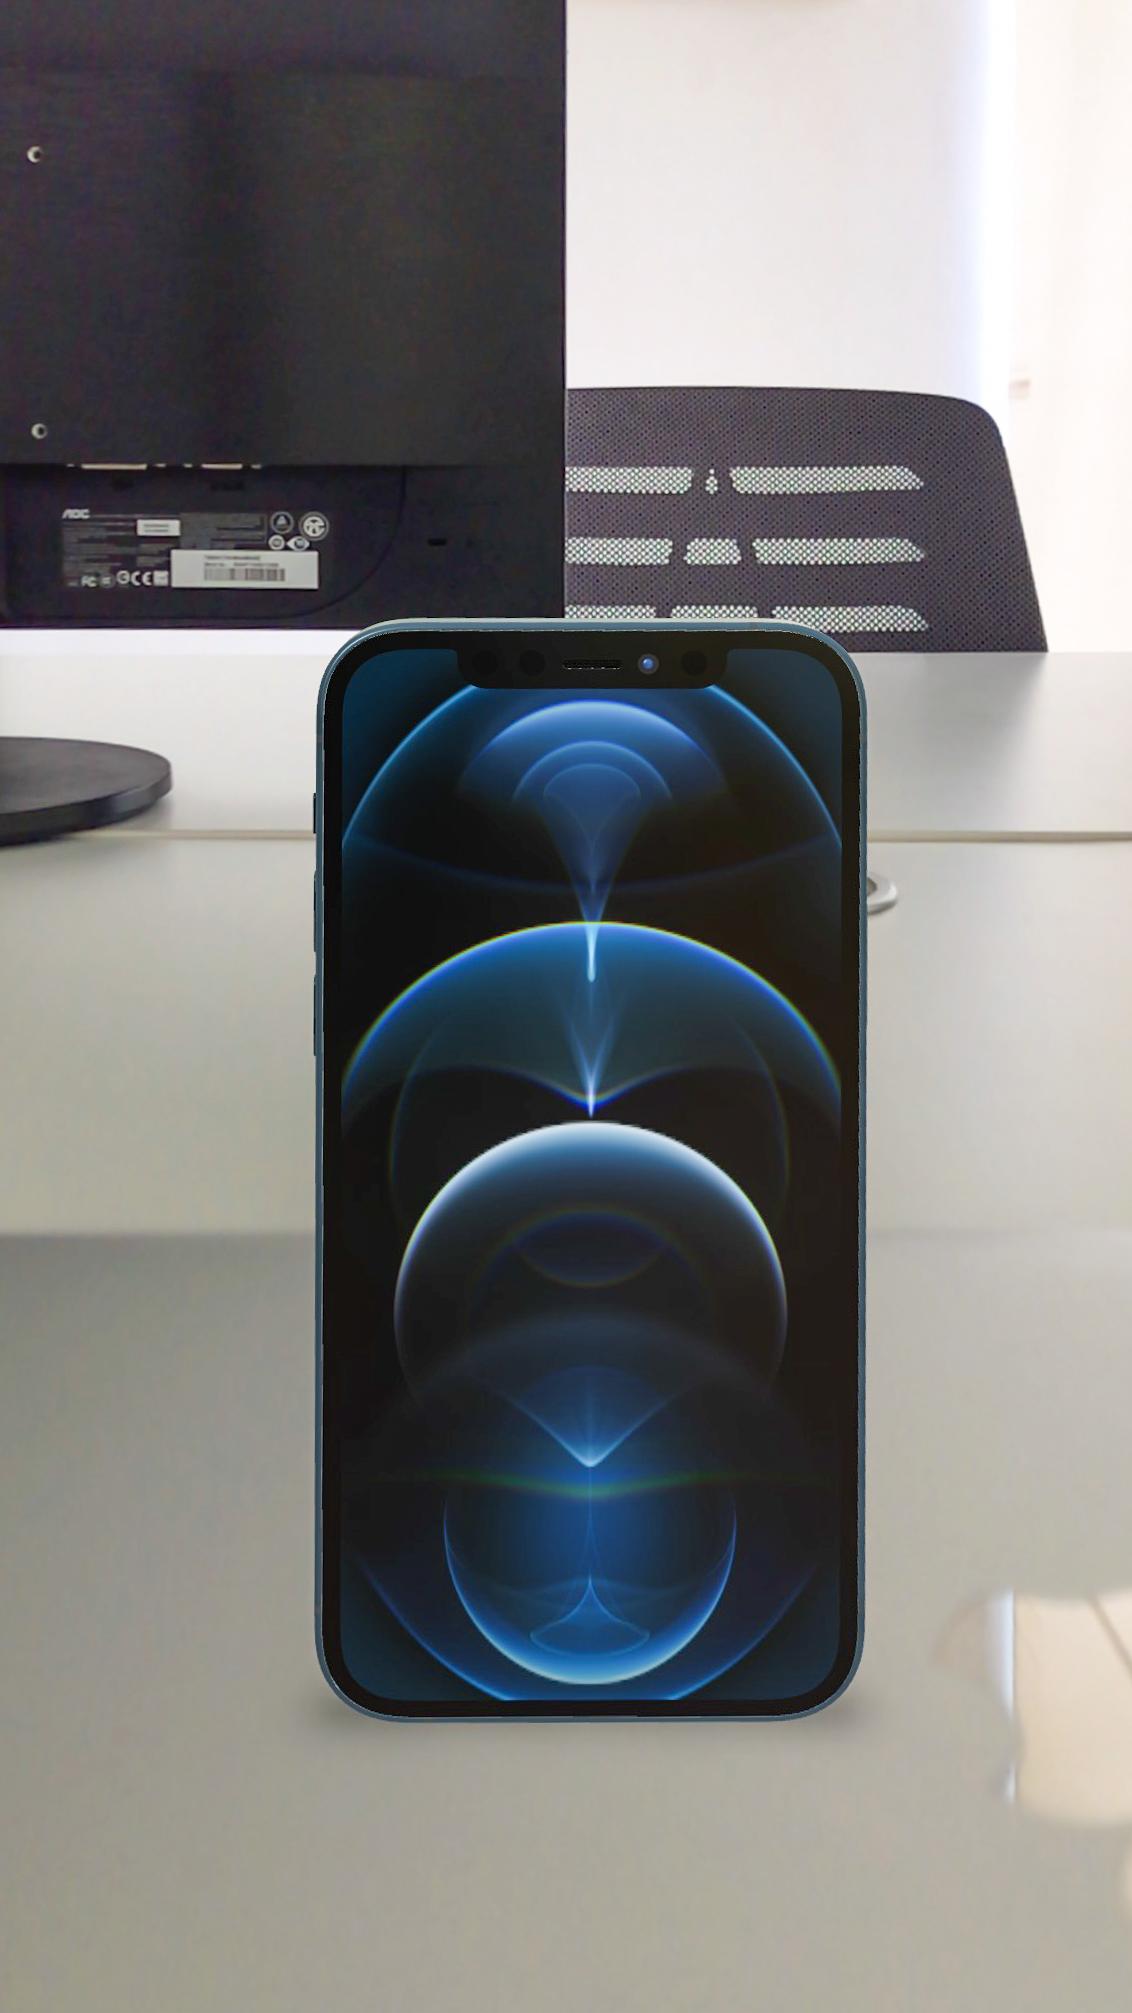 Công nghệ màn hình iPhone trong tương lai sẽ có thể mang lại trải nghiệm AR